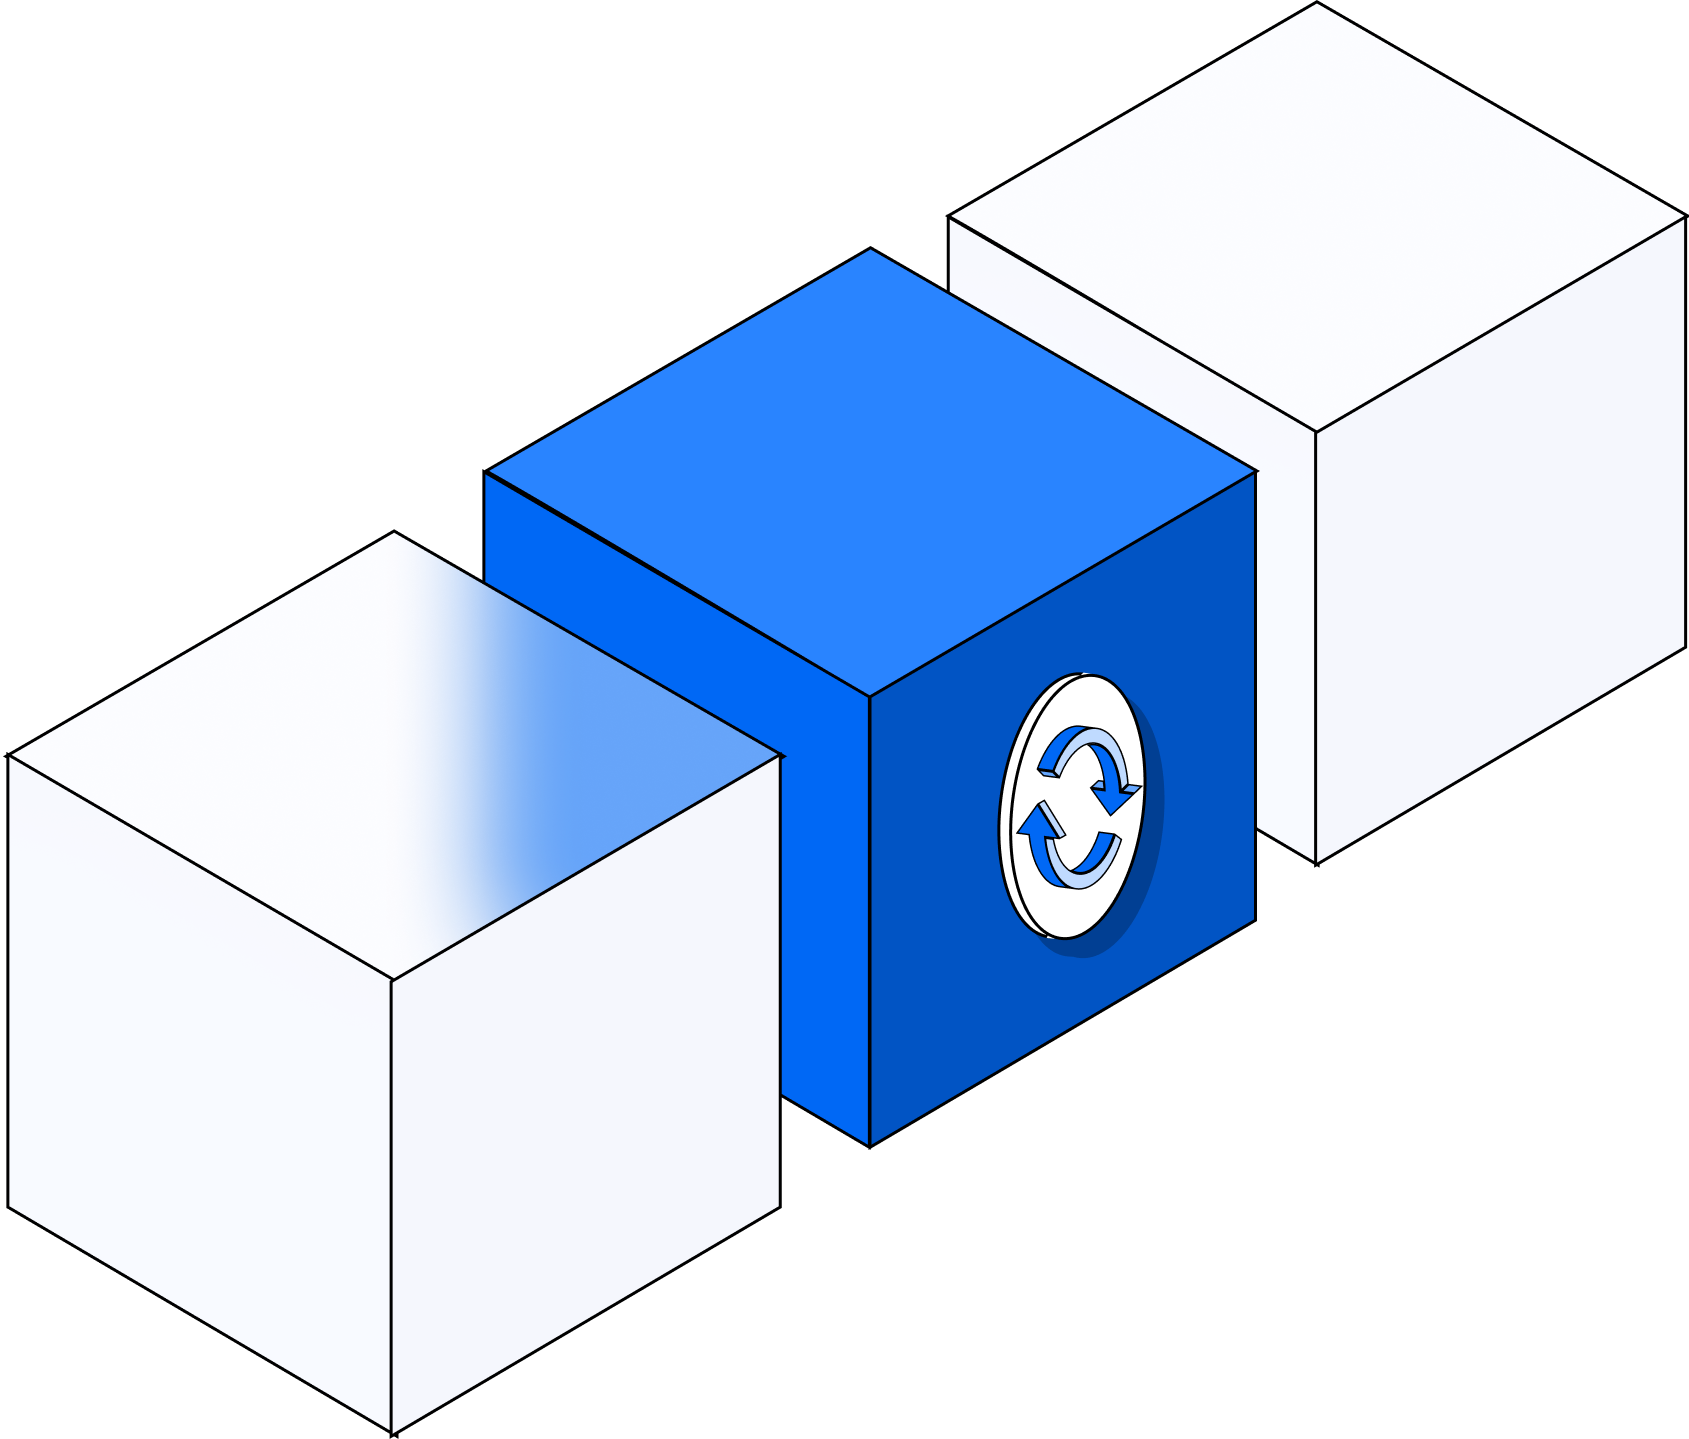 Illustration depicting hookdeck bookmarks